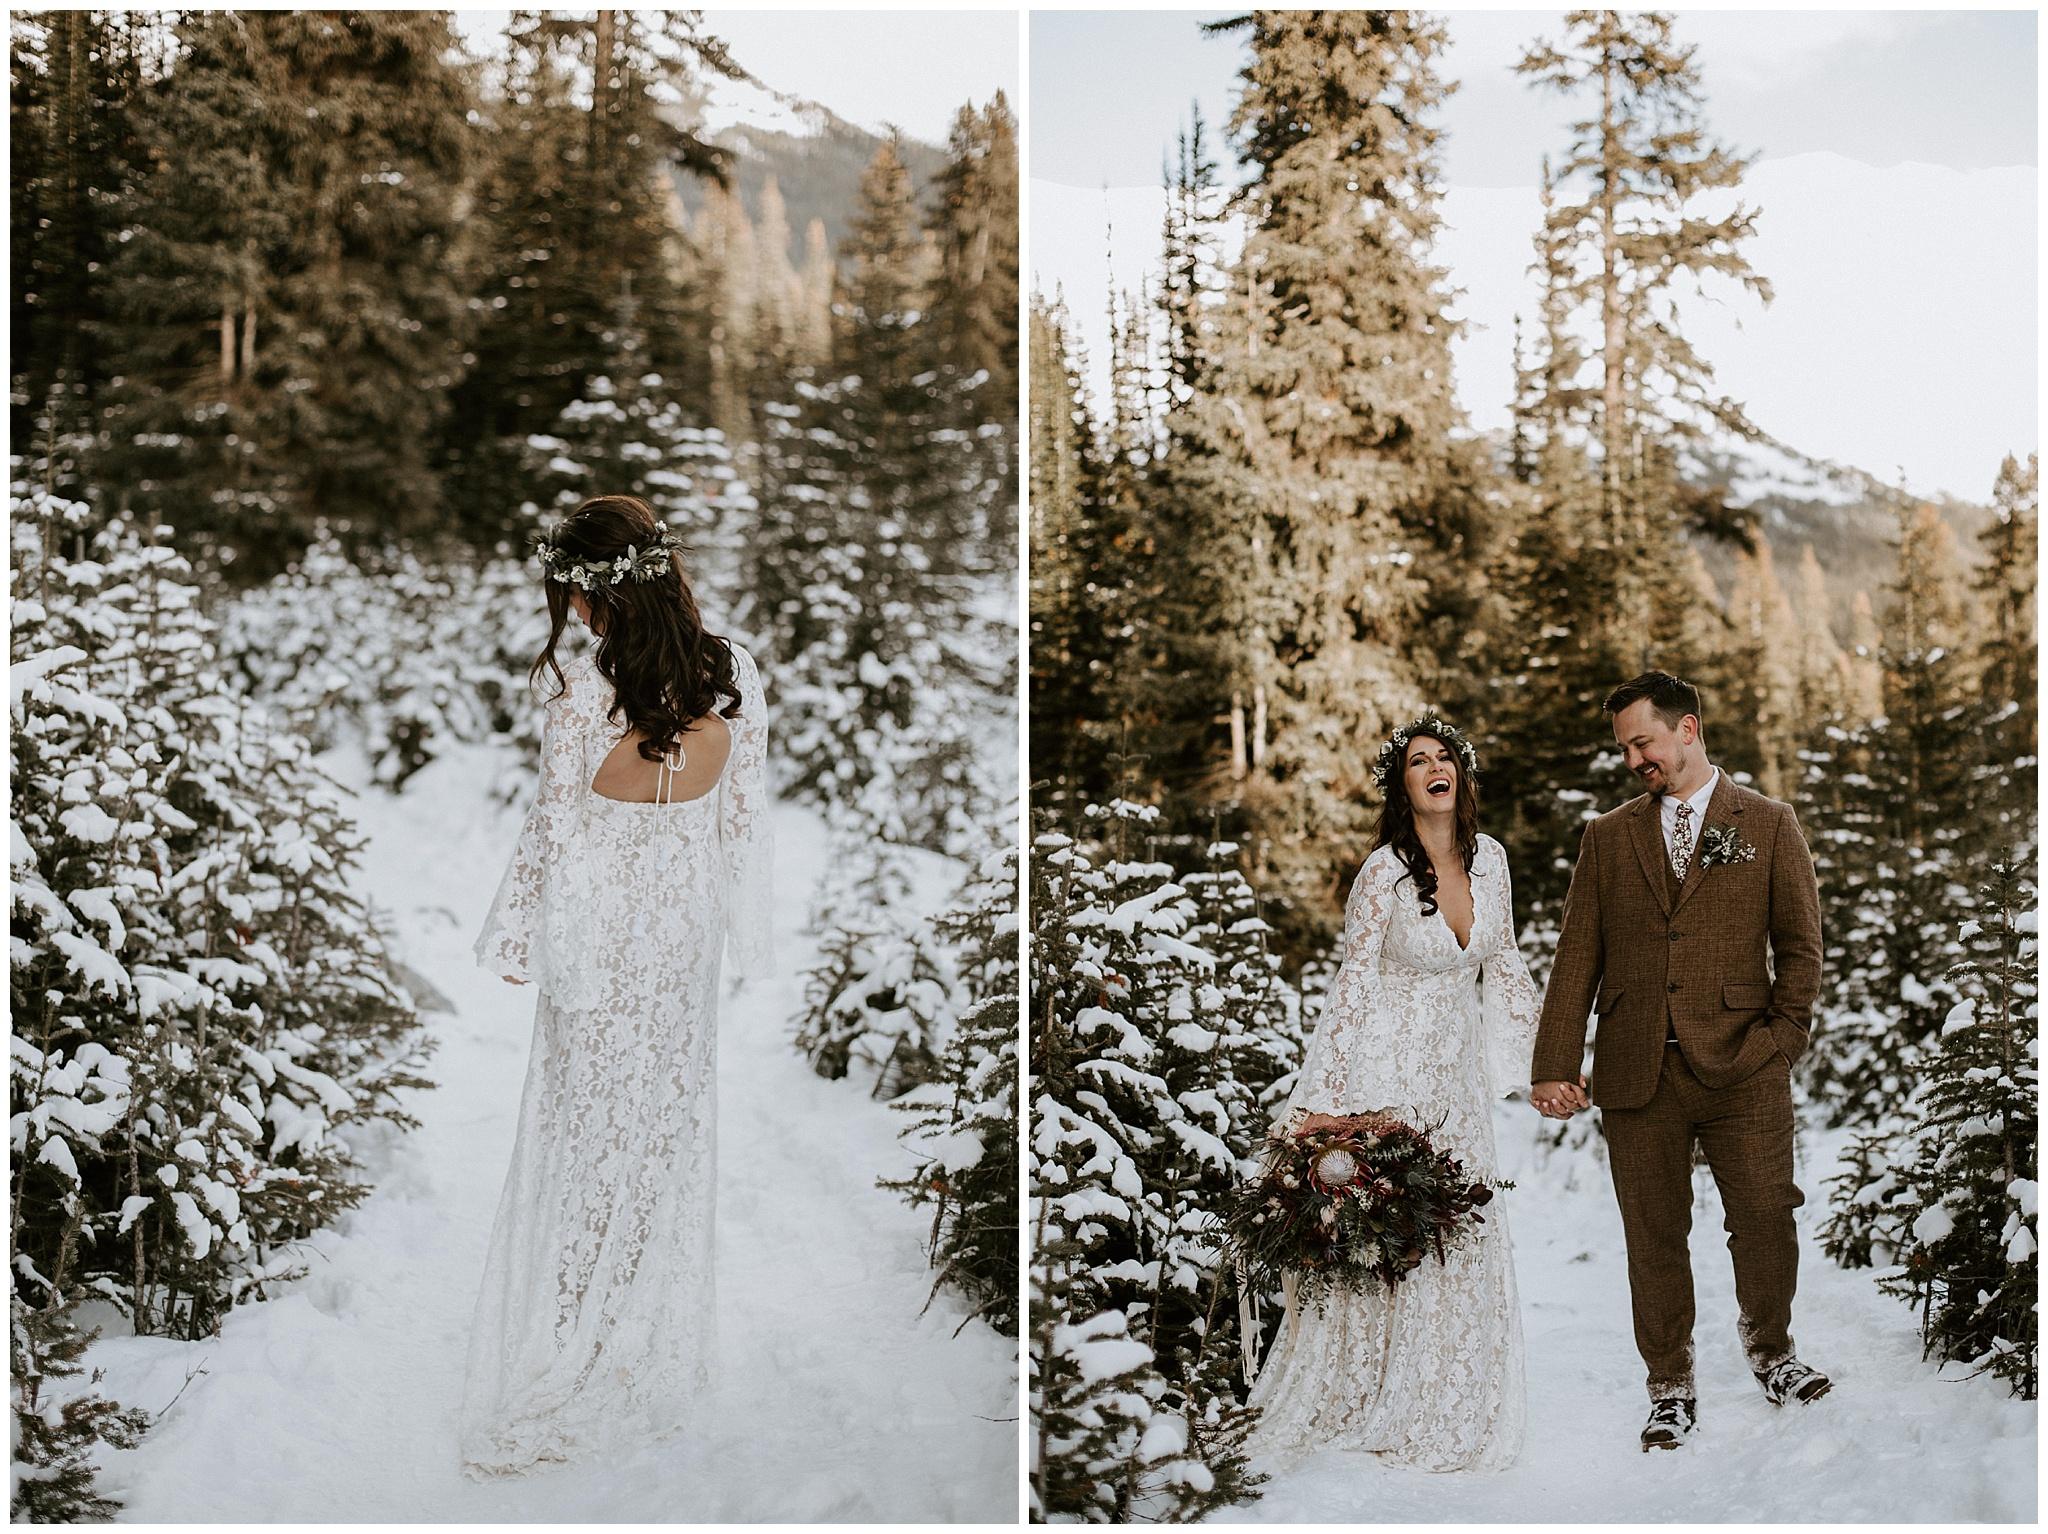 peyto-lake-wedding-photos-47.JPG